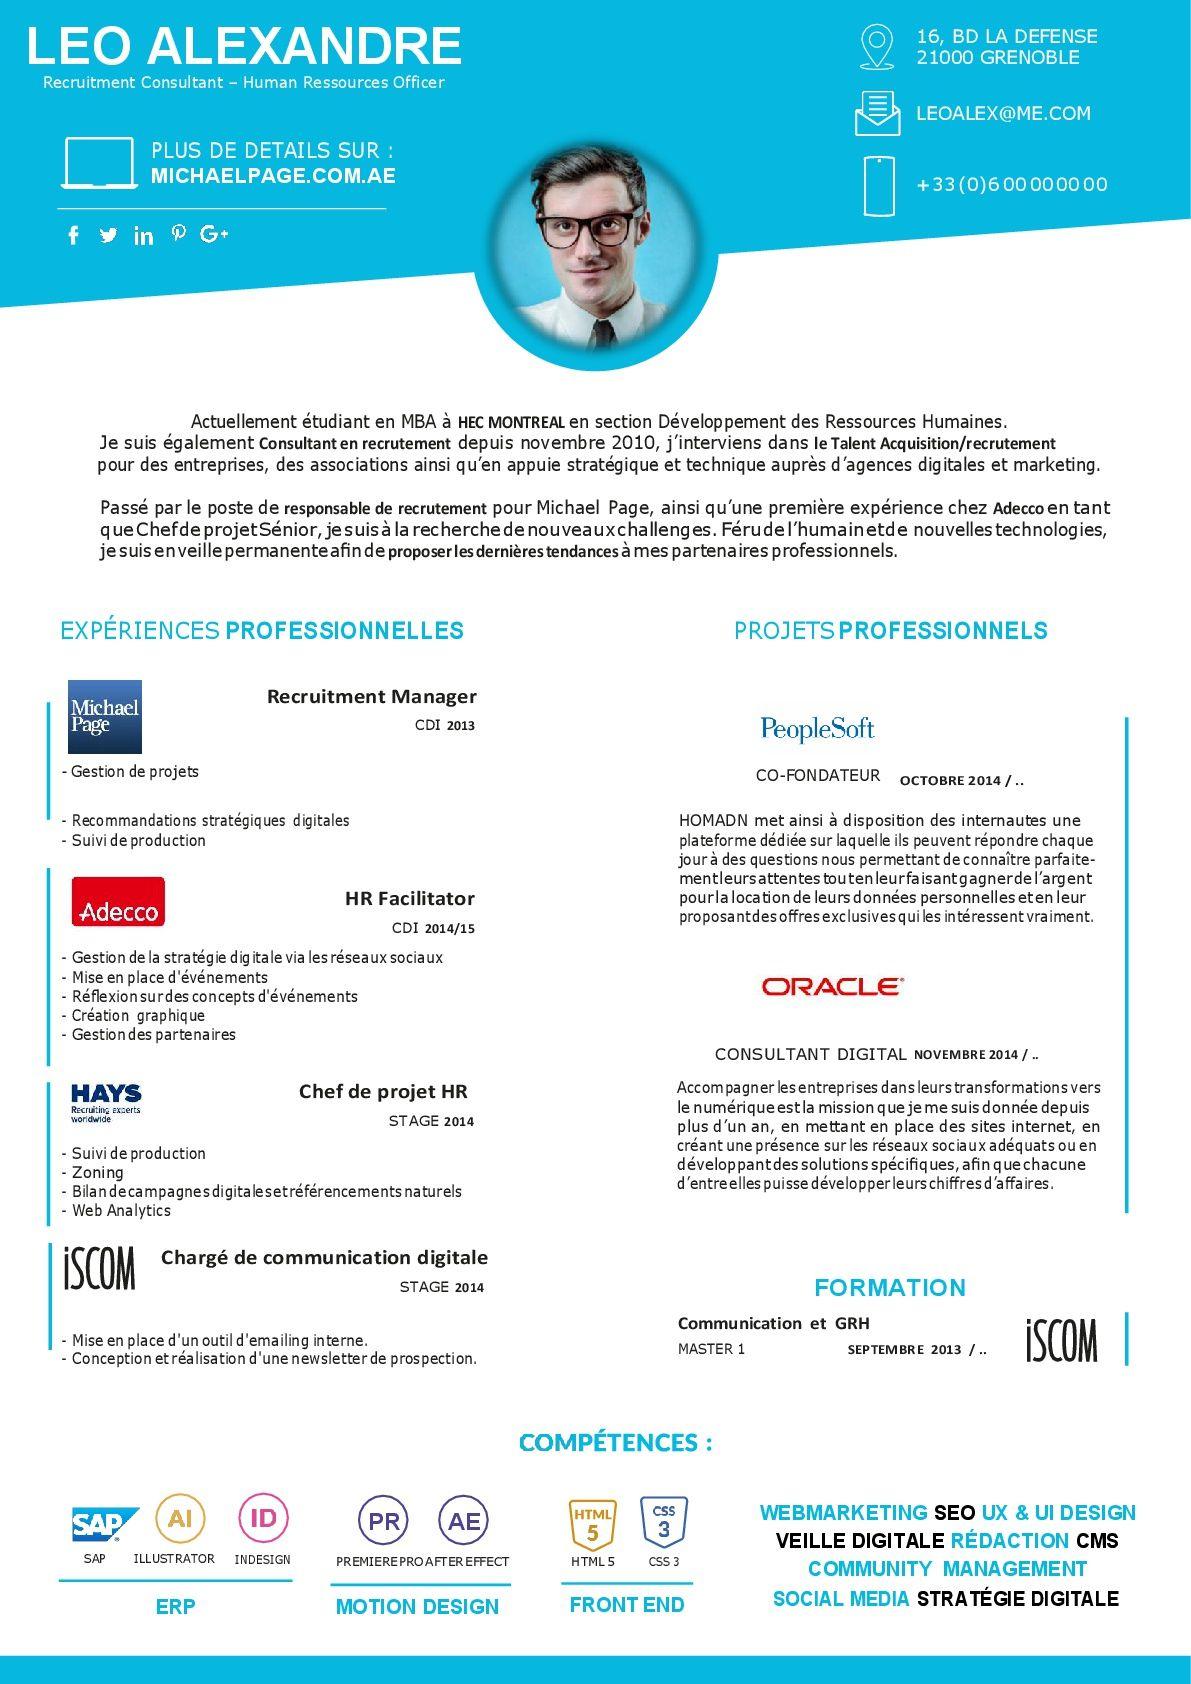 ce cv consultant recrutement a t ralis avec le plus grand soin pour un impact visuel - Resume Consultant